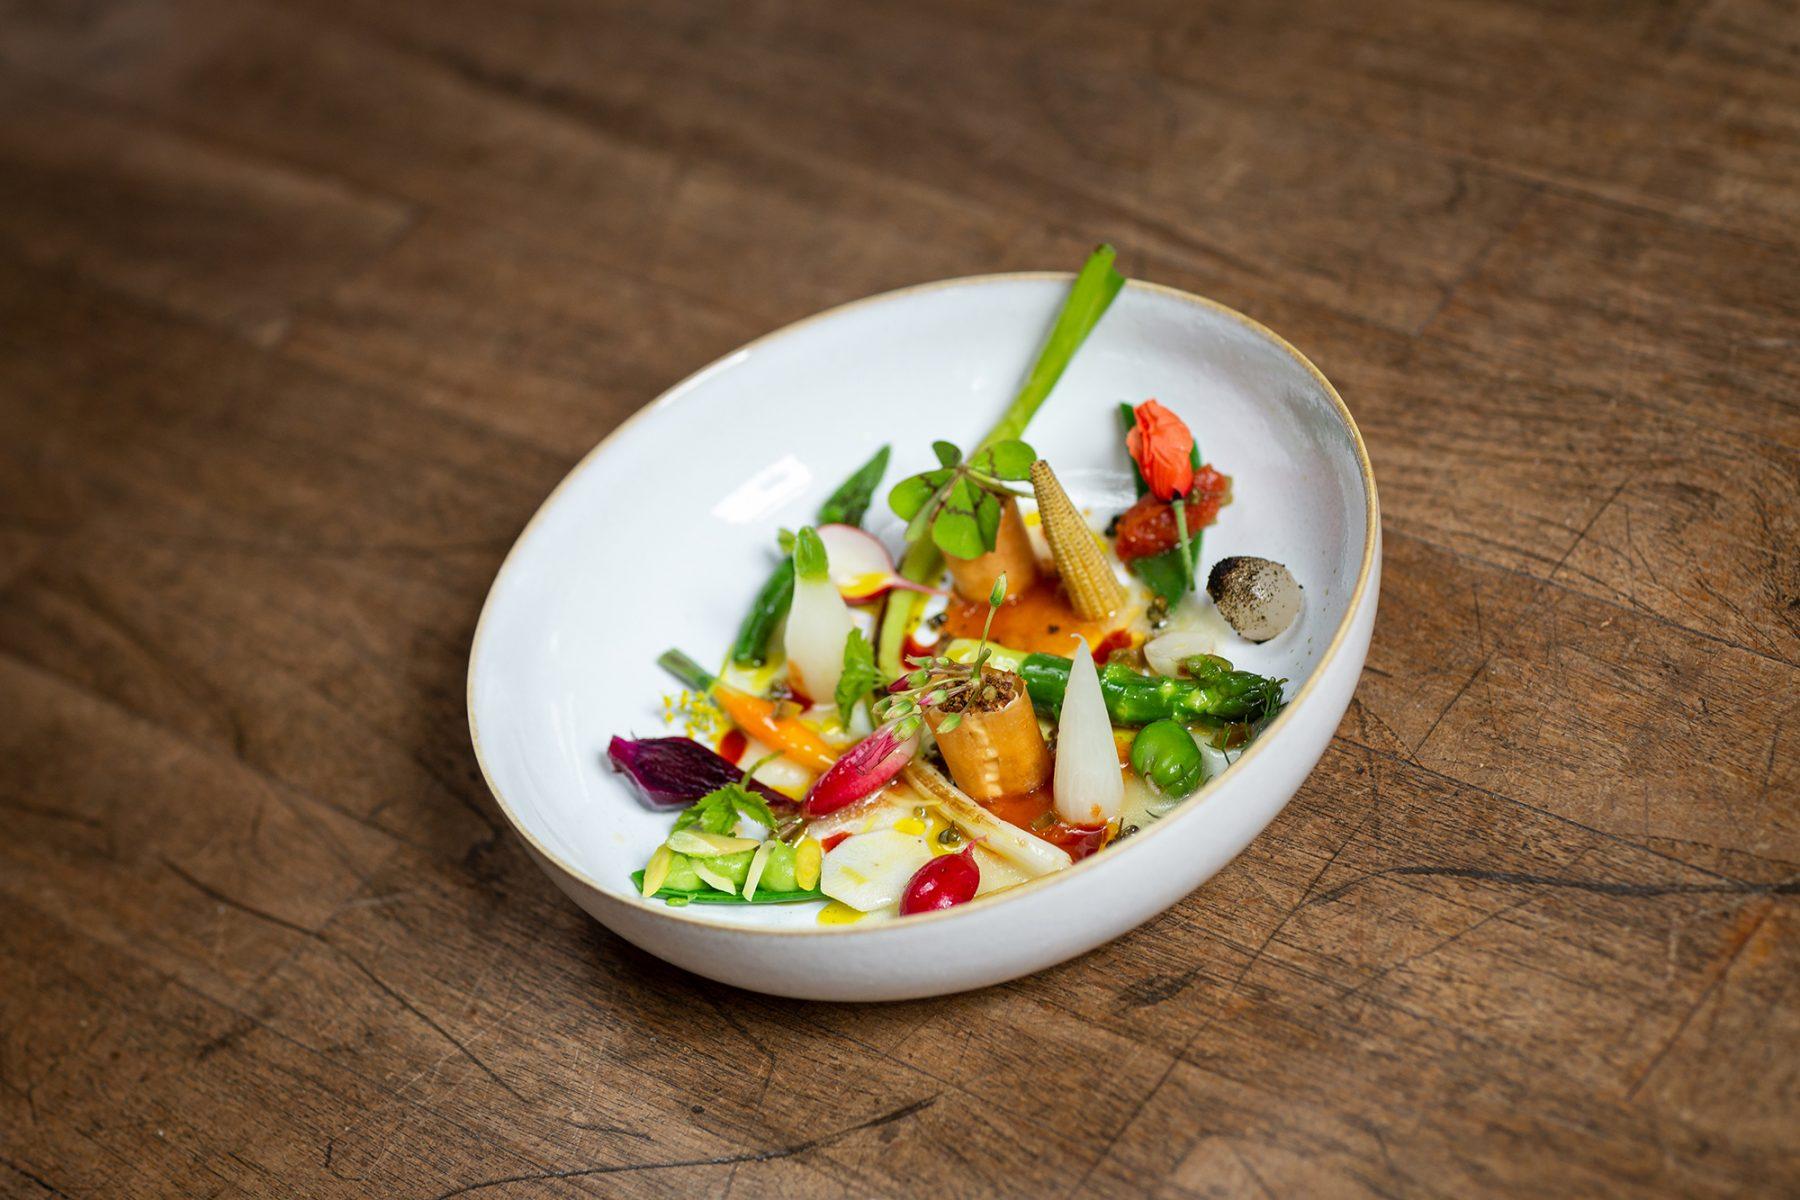 Schillers Restaurant - Sommergemüse mit Zitrusaromen1